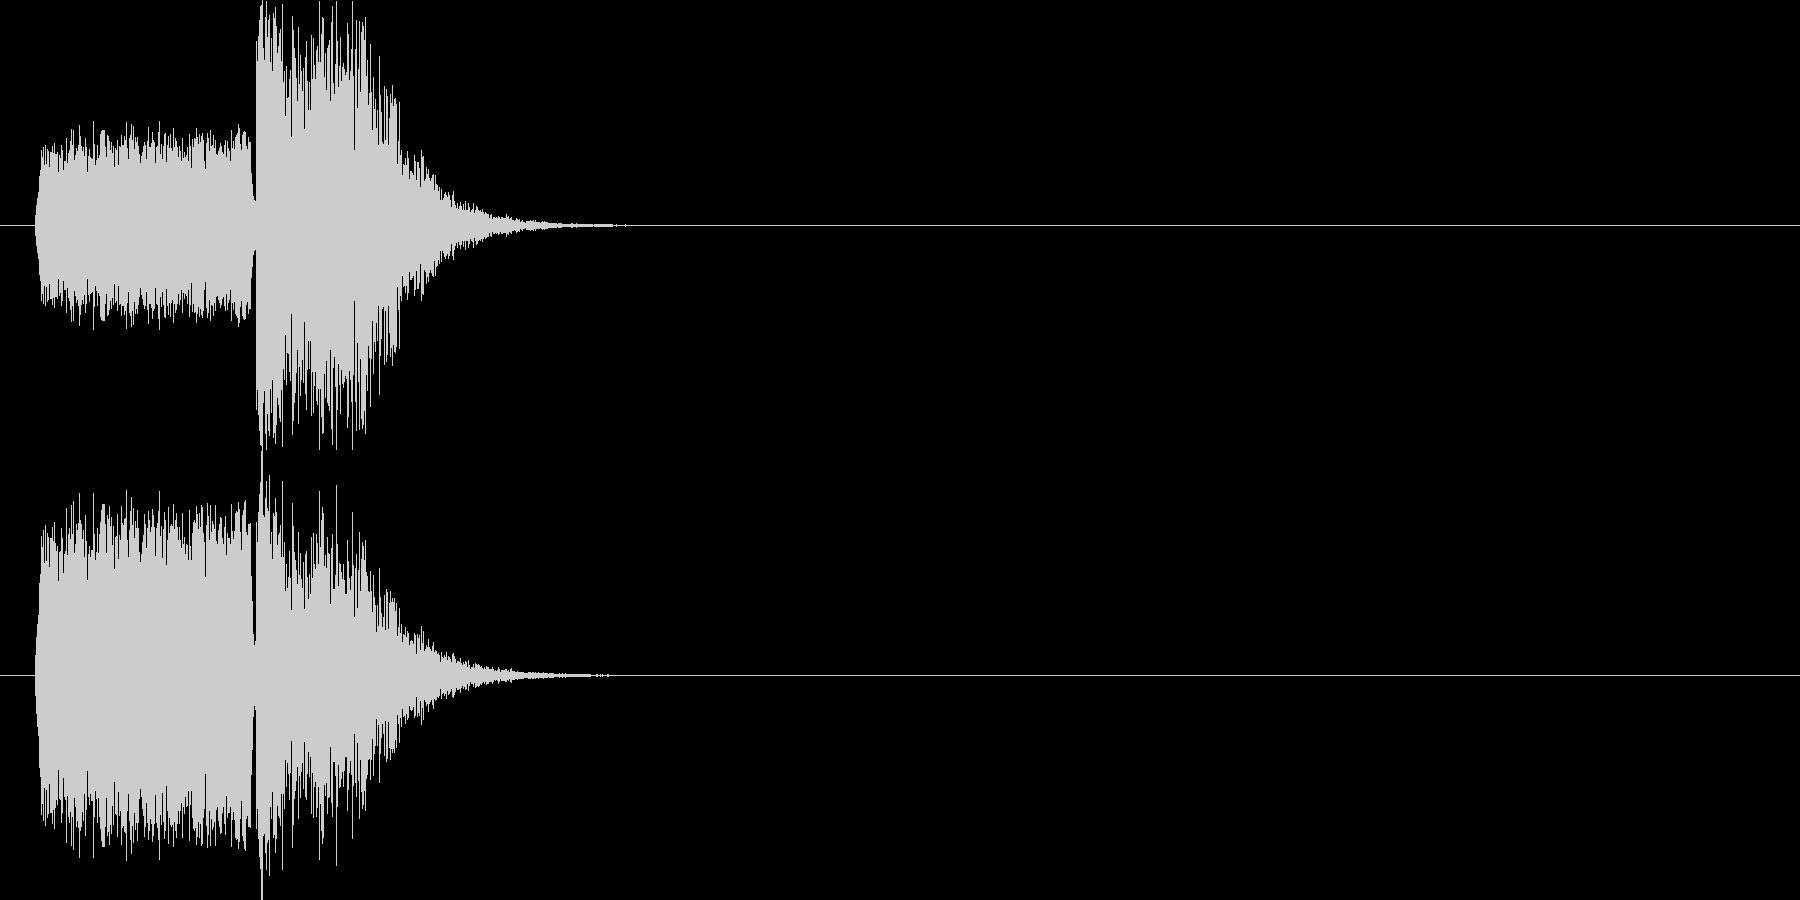 場面 スリップ+衝突の未再生の波形